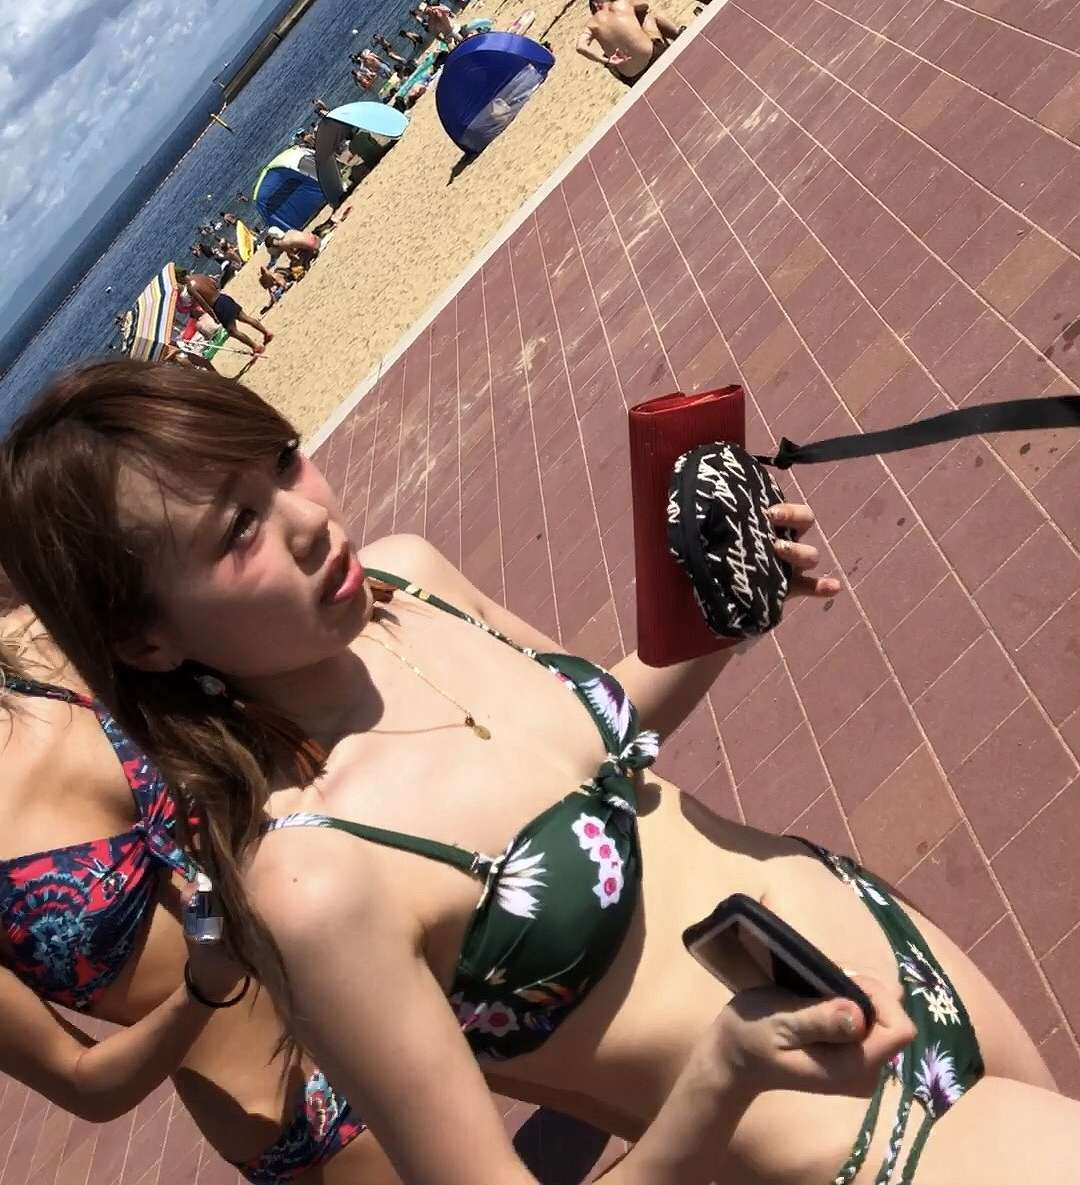 海水浴場で激カワ素人を見つけて接写撮り!